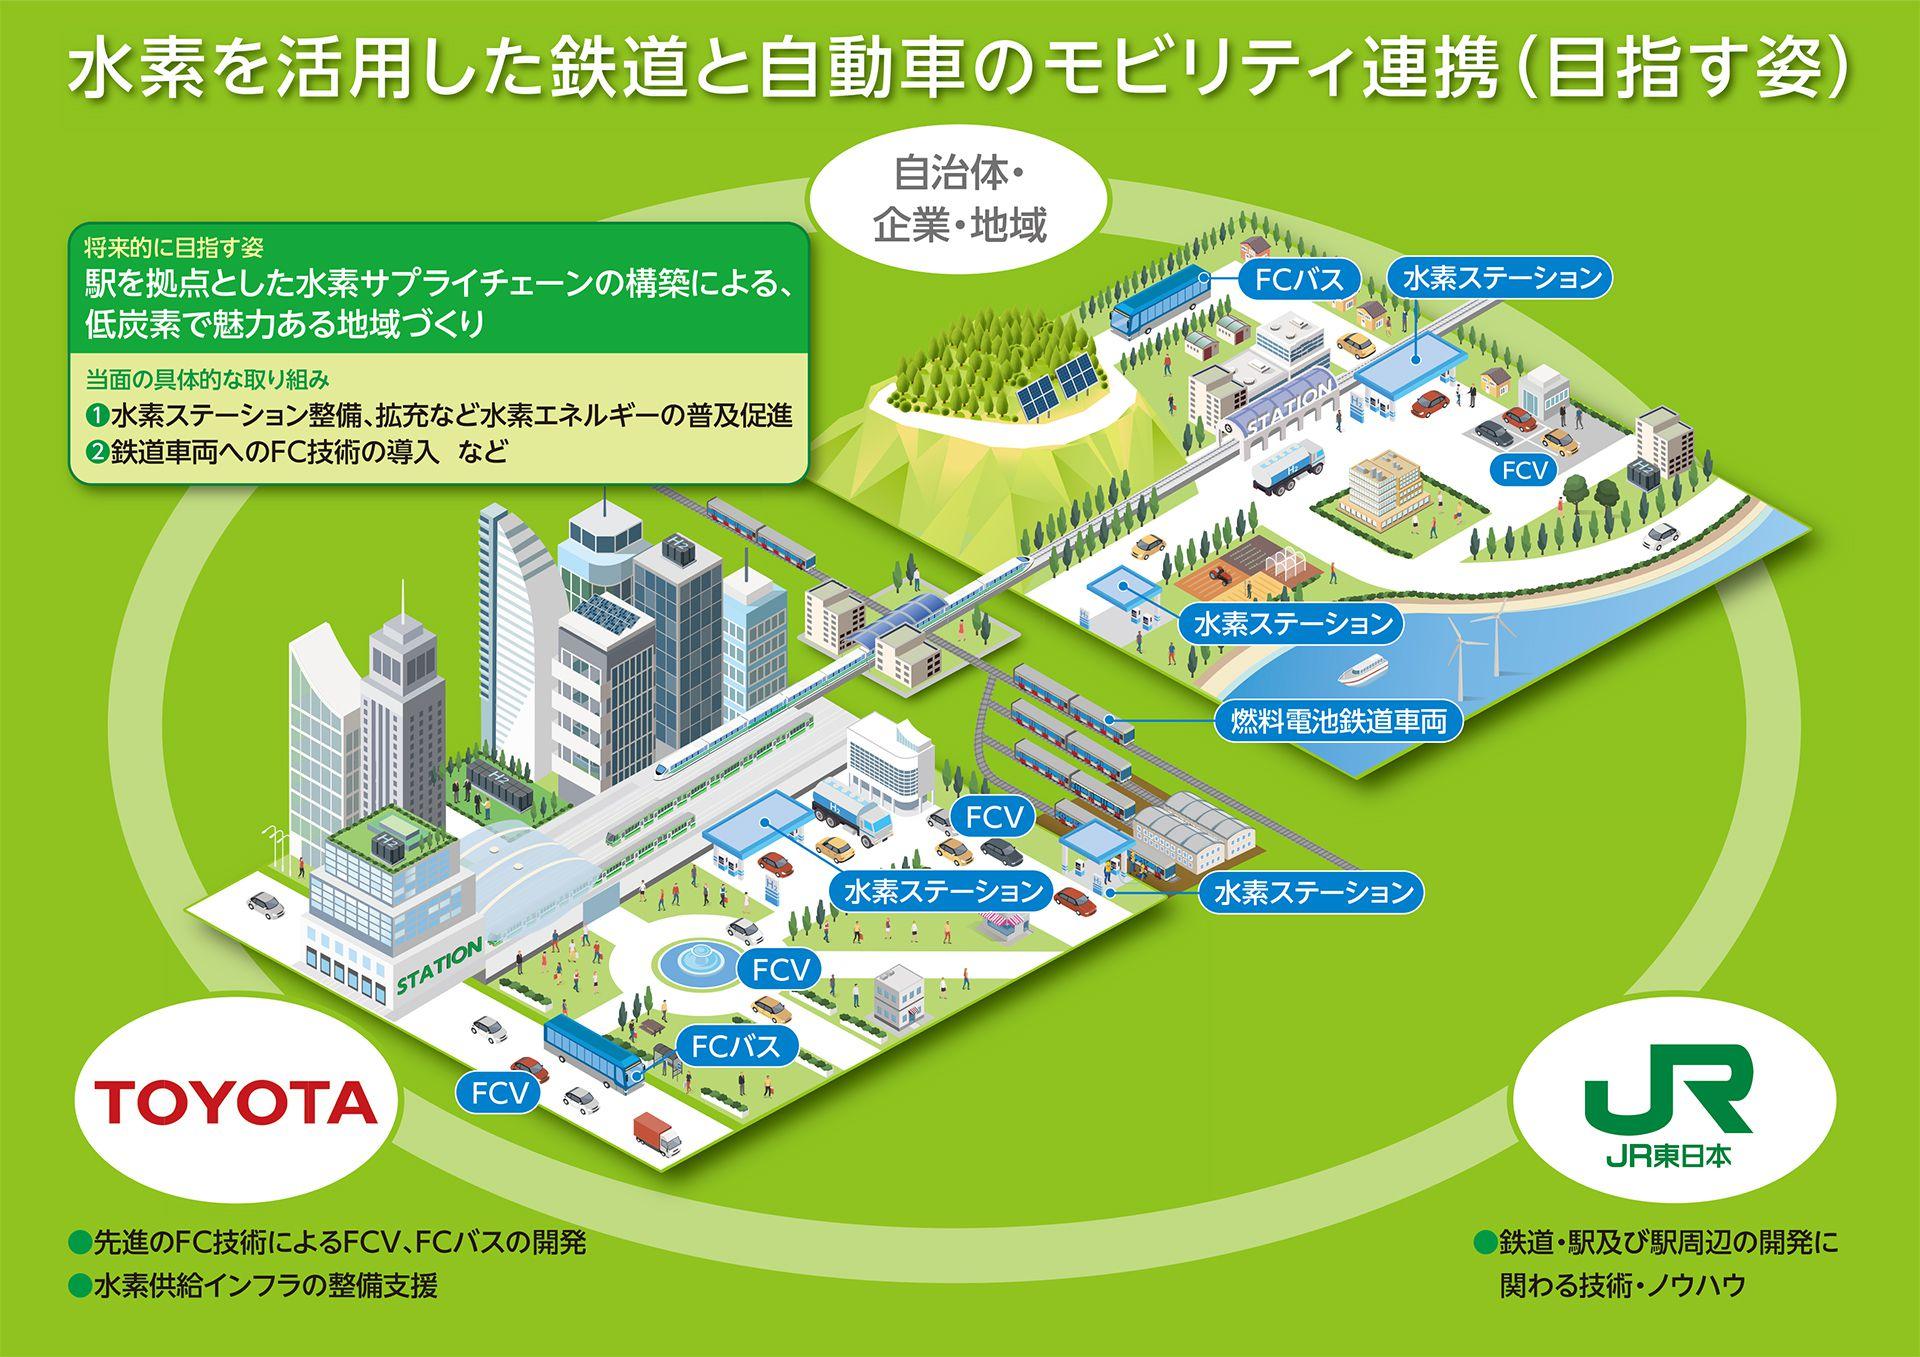 水素を活用した鉄道と自動車のモビリティ連携(目指す姿)